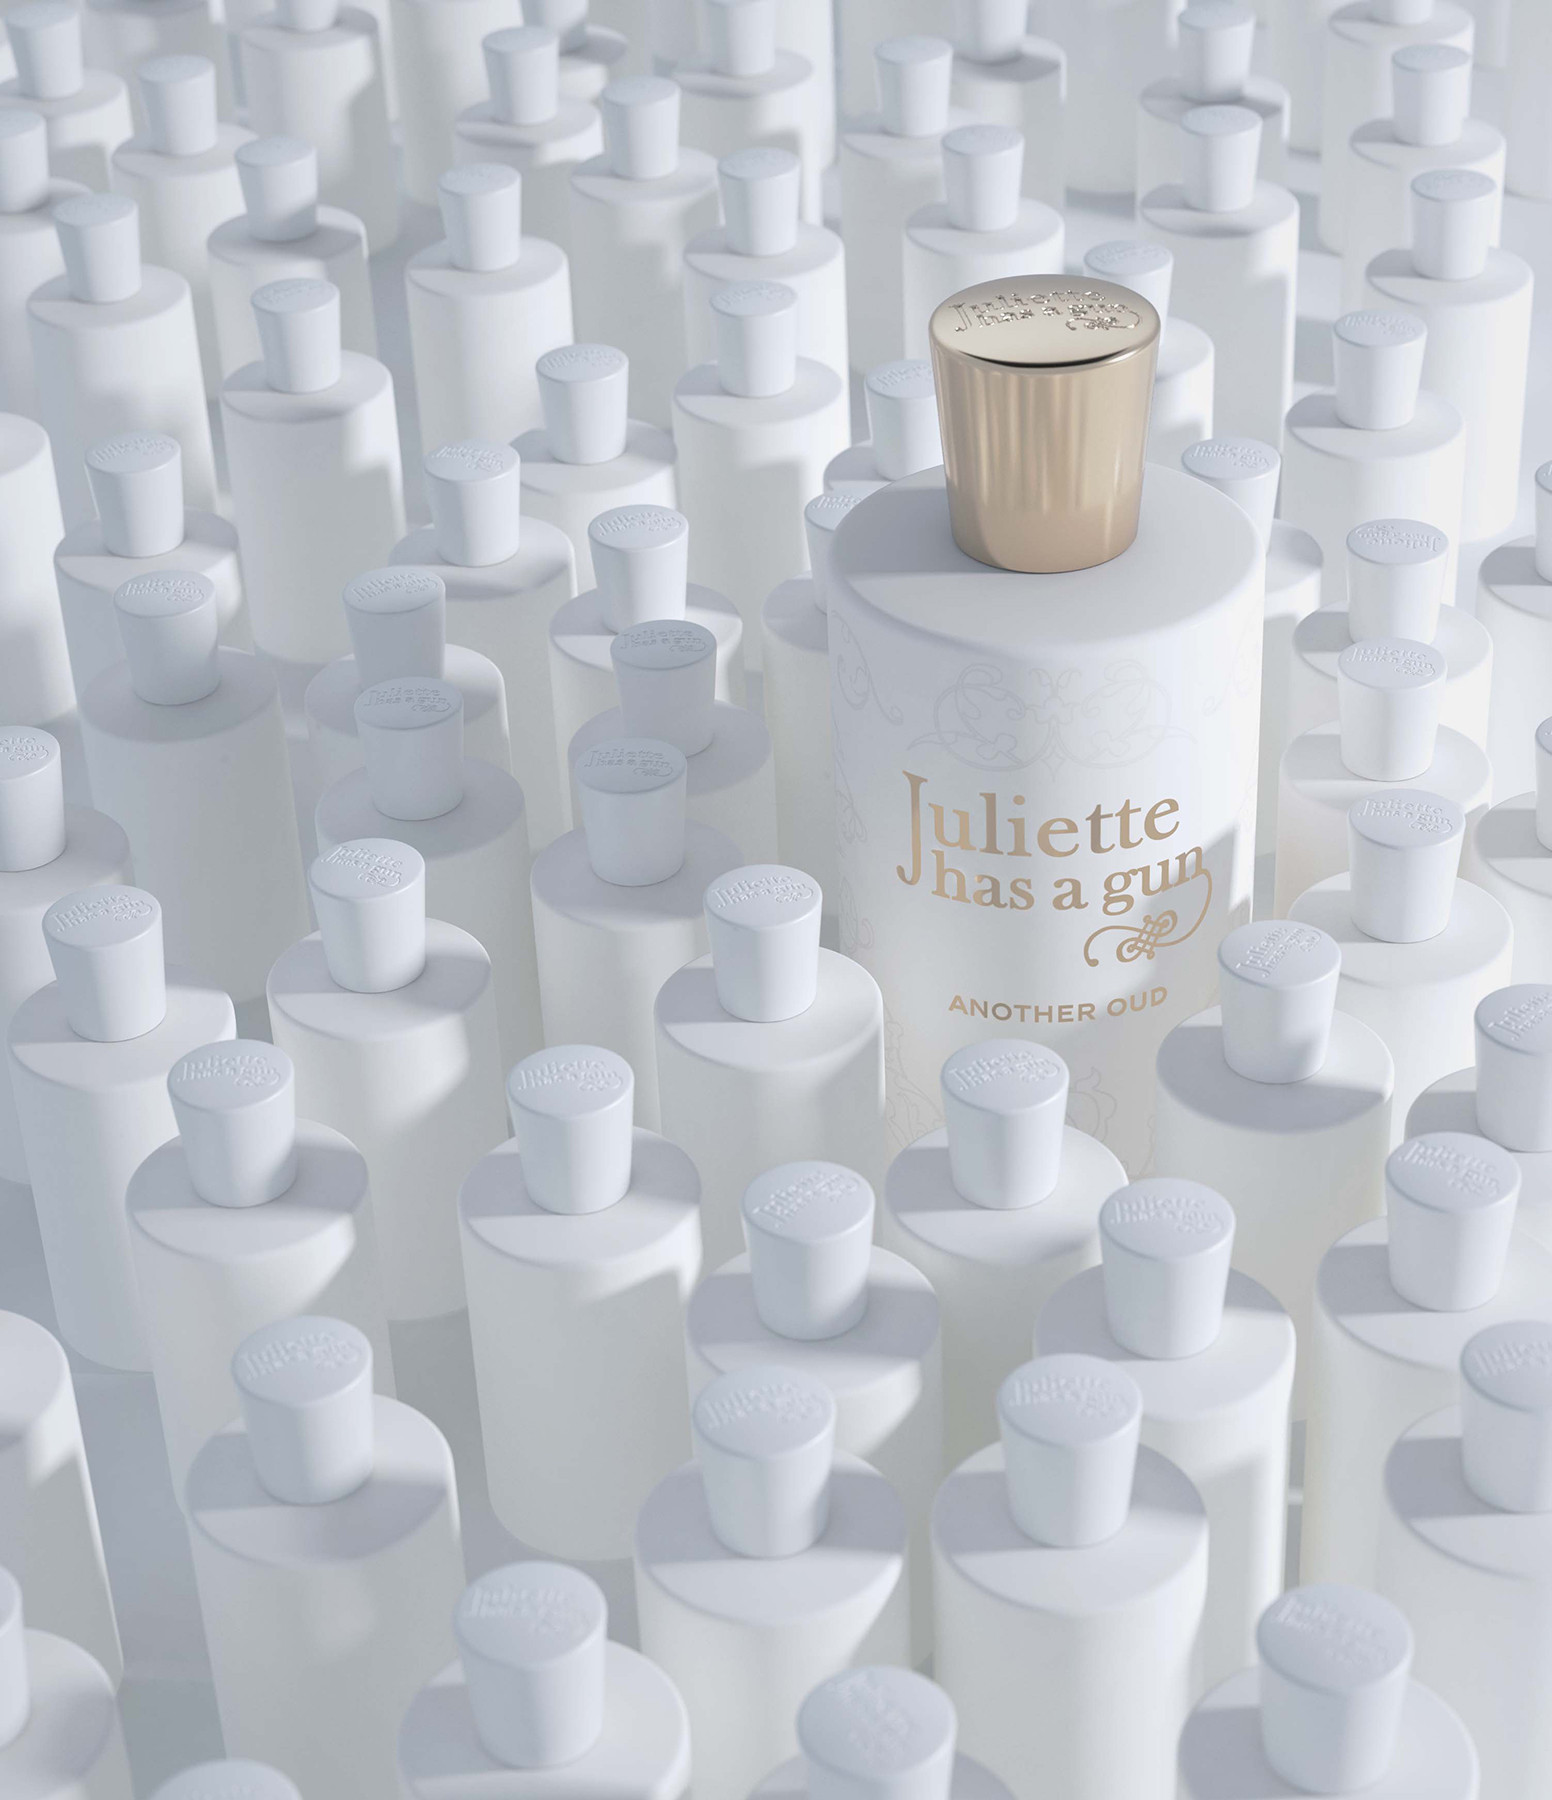 JULIETTE HAS A GUN - Eau de Parfum Another Oud 100 ml